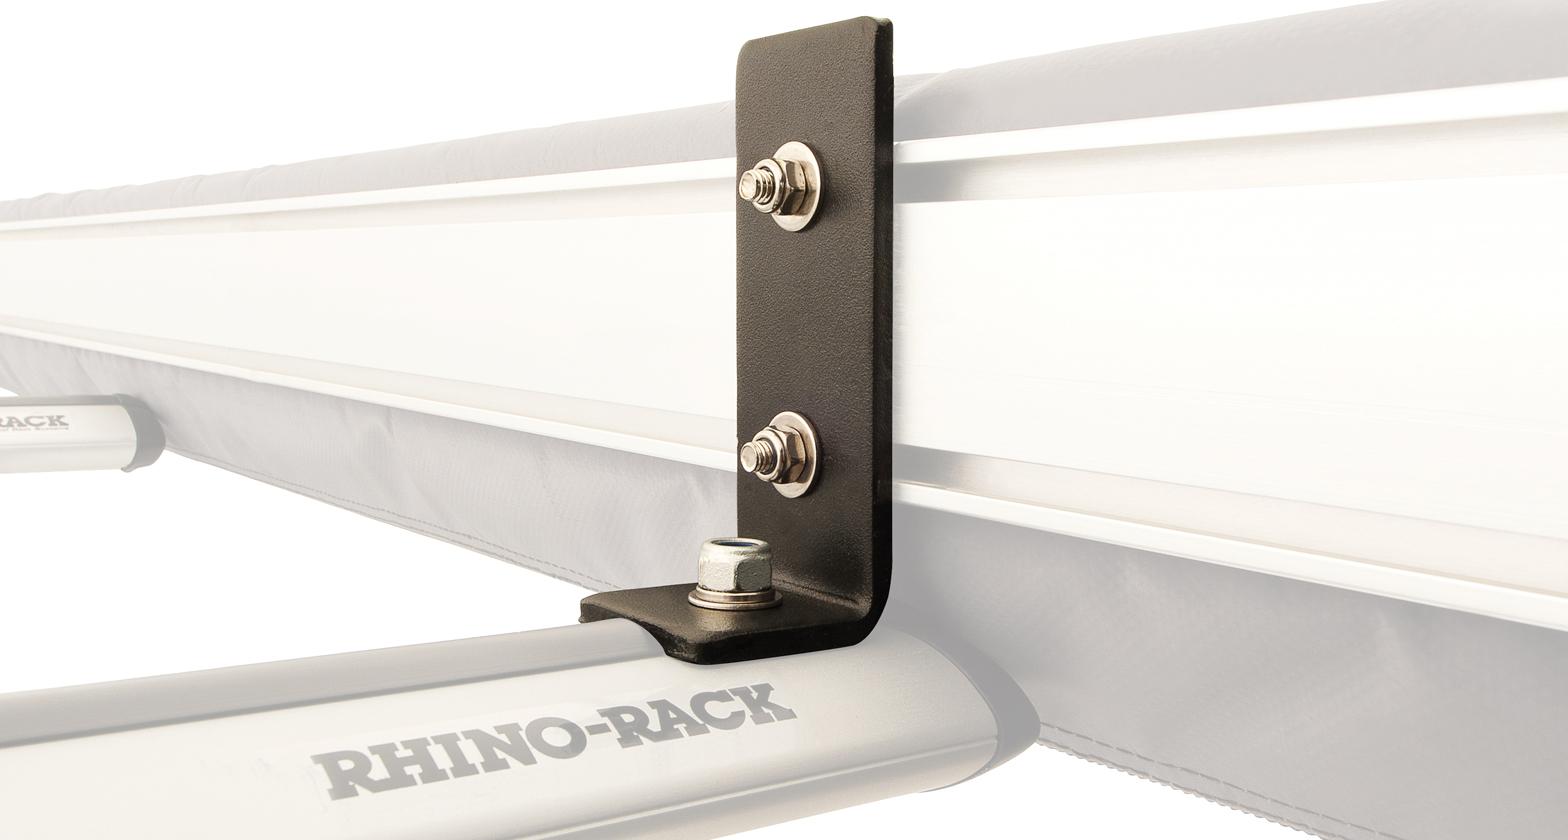 31111 Universal Awning Bracket Kit Rhino Rack